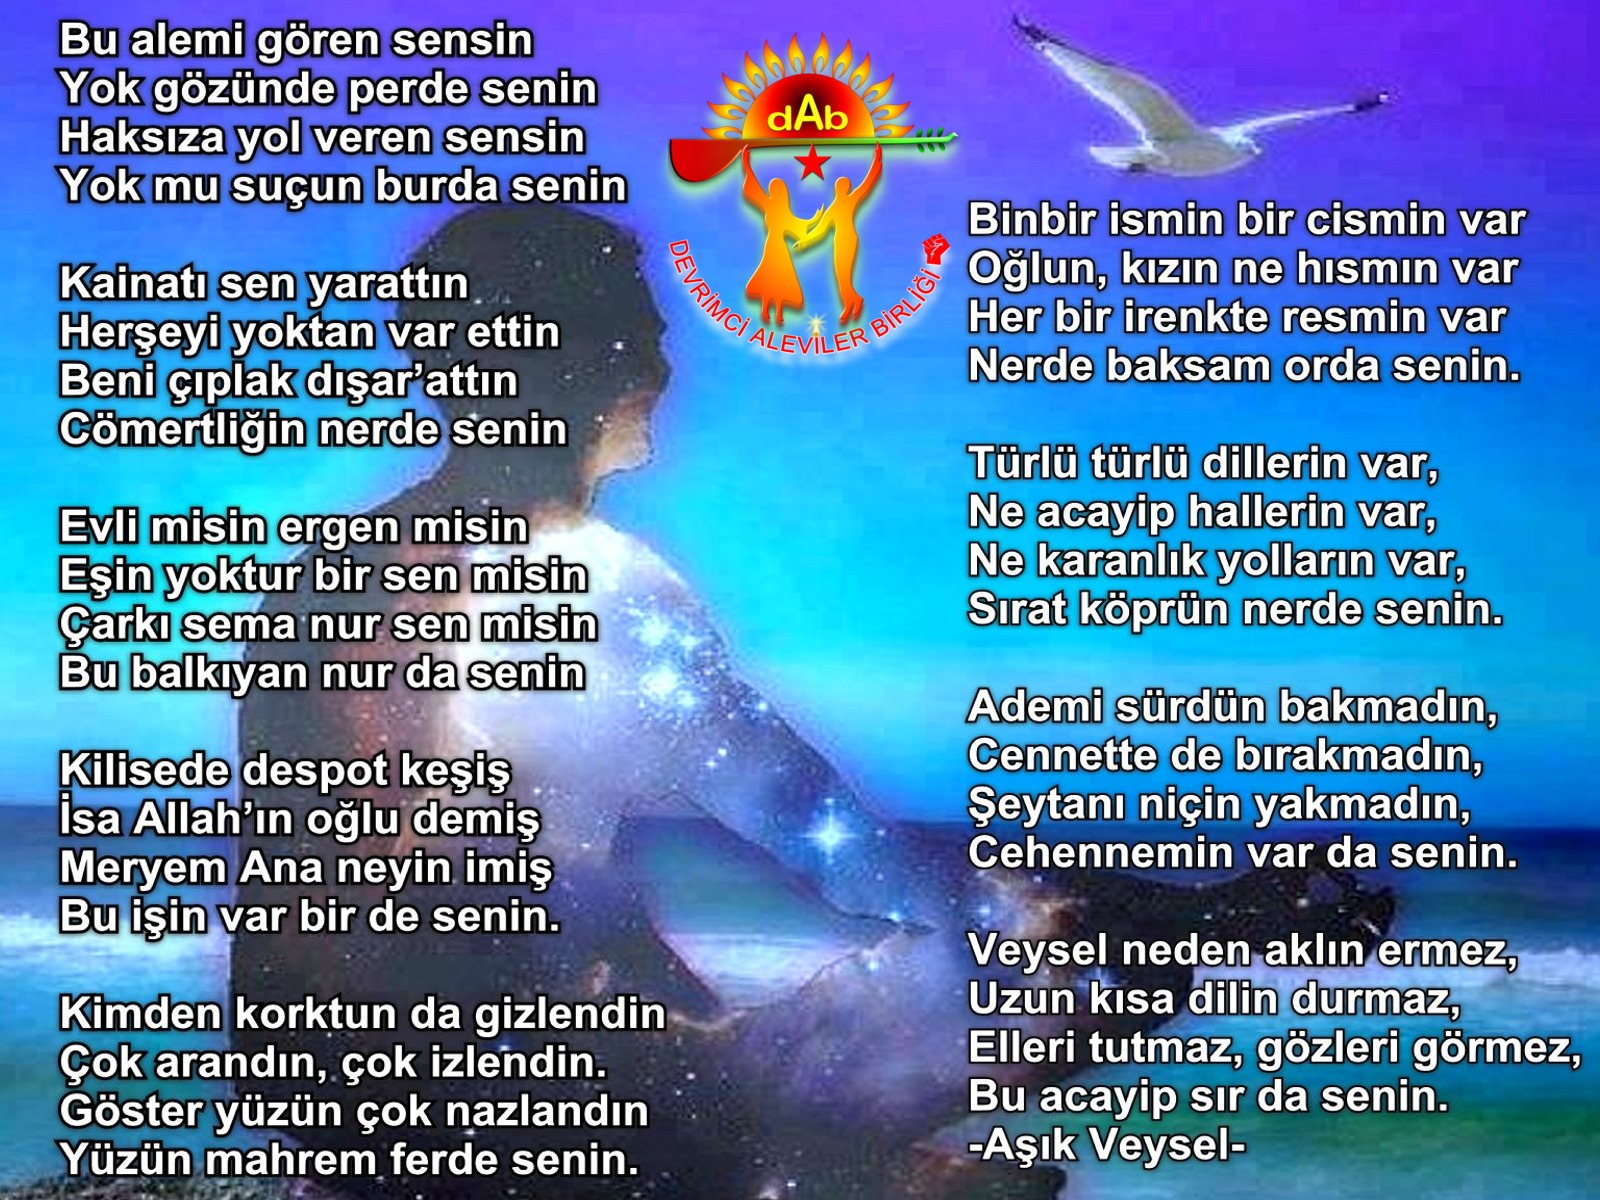 Alevi Bektaşi Kızılbaş Pir Sultan Devrimci Aleviler Birliği DAB veysel